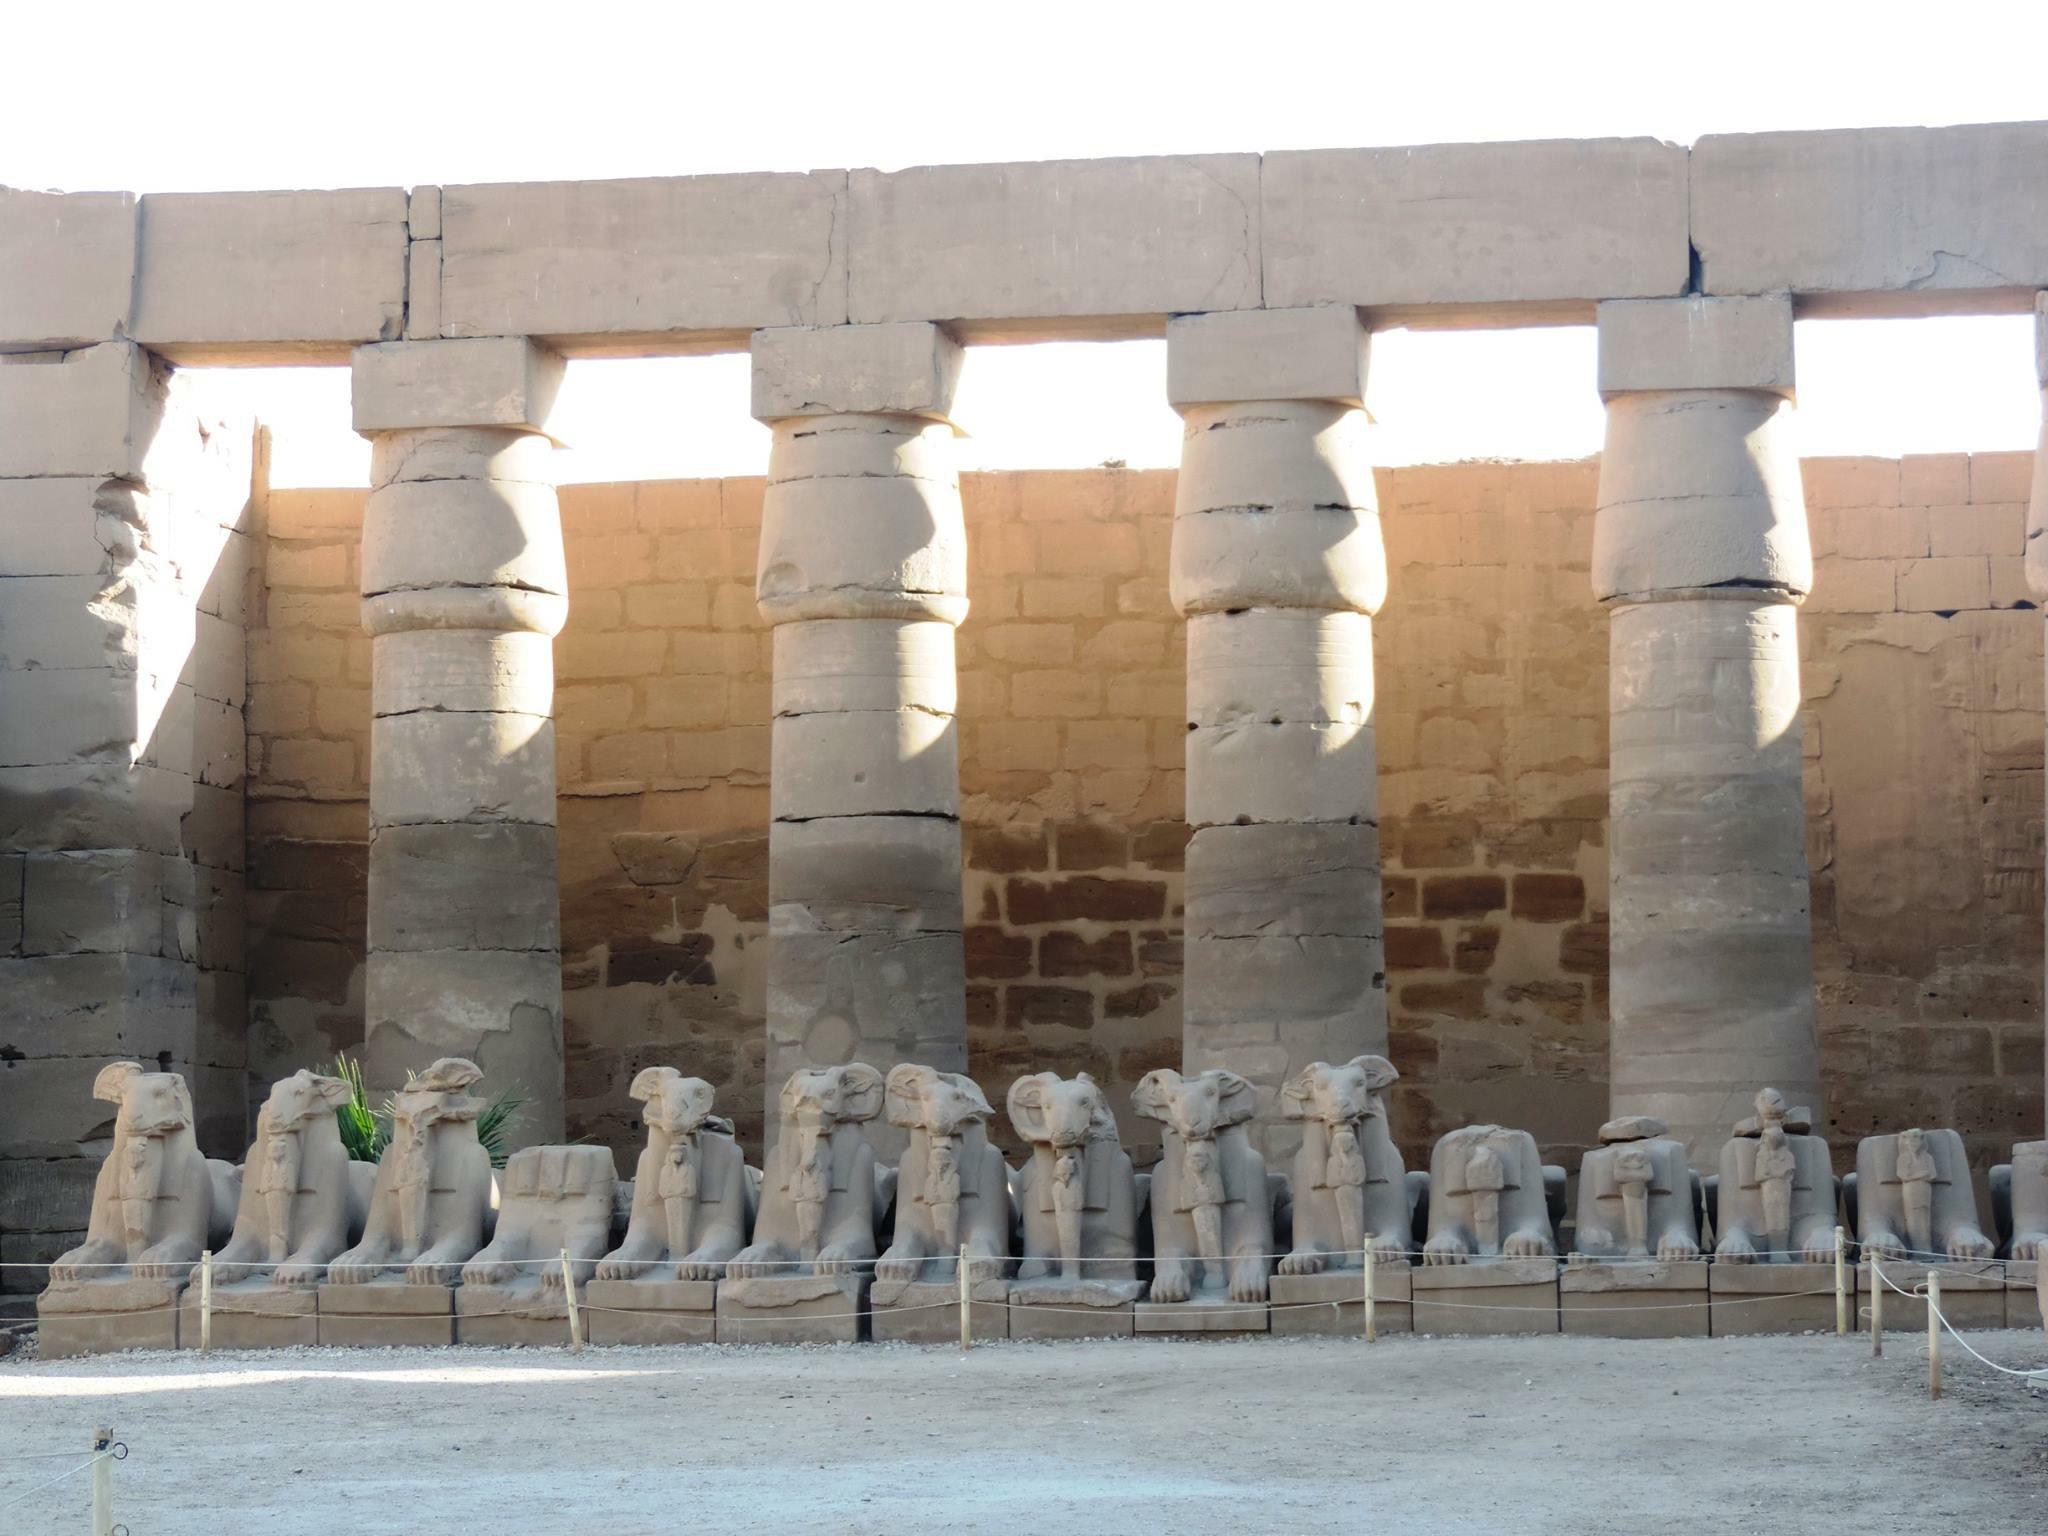 Tagesausflug nach Luxor ab Kairo oder Gizeh mit dem Flugzeug: